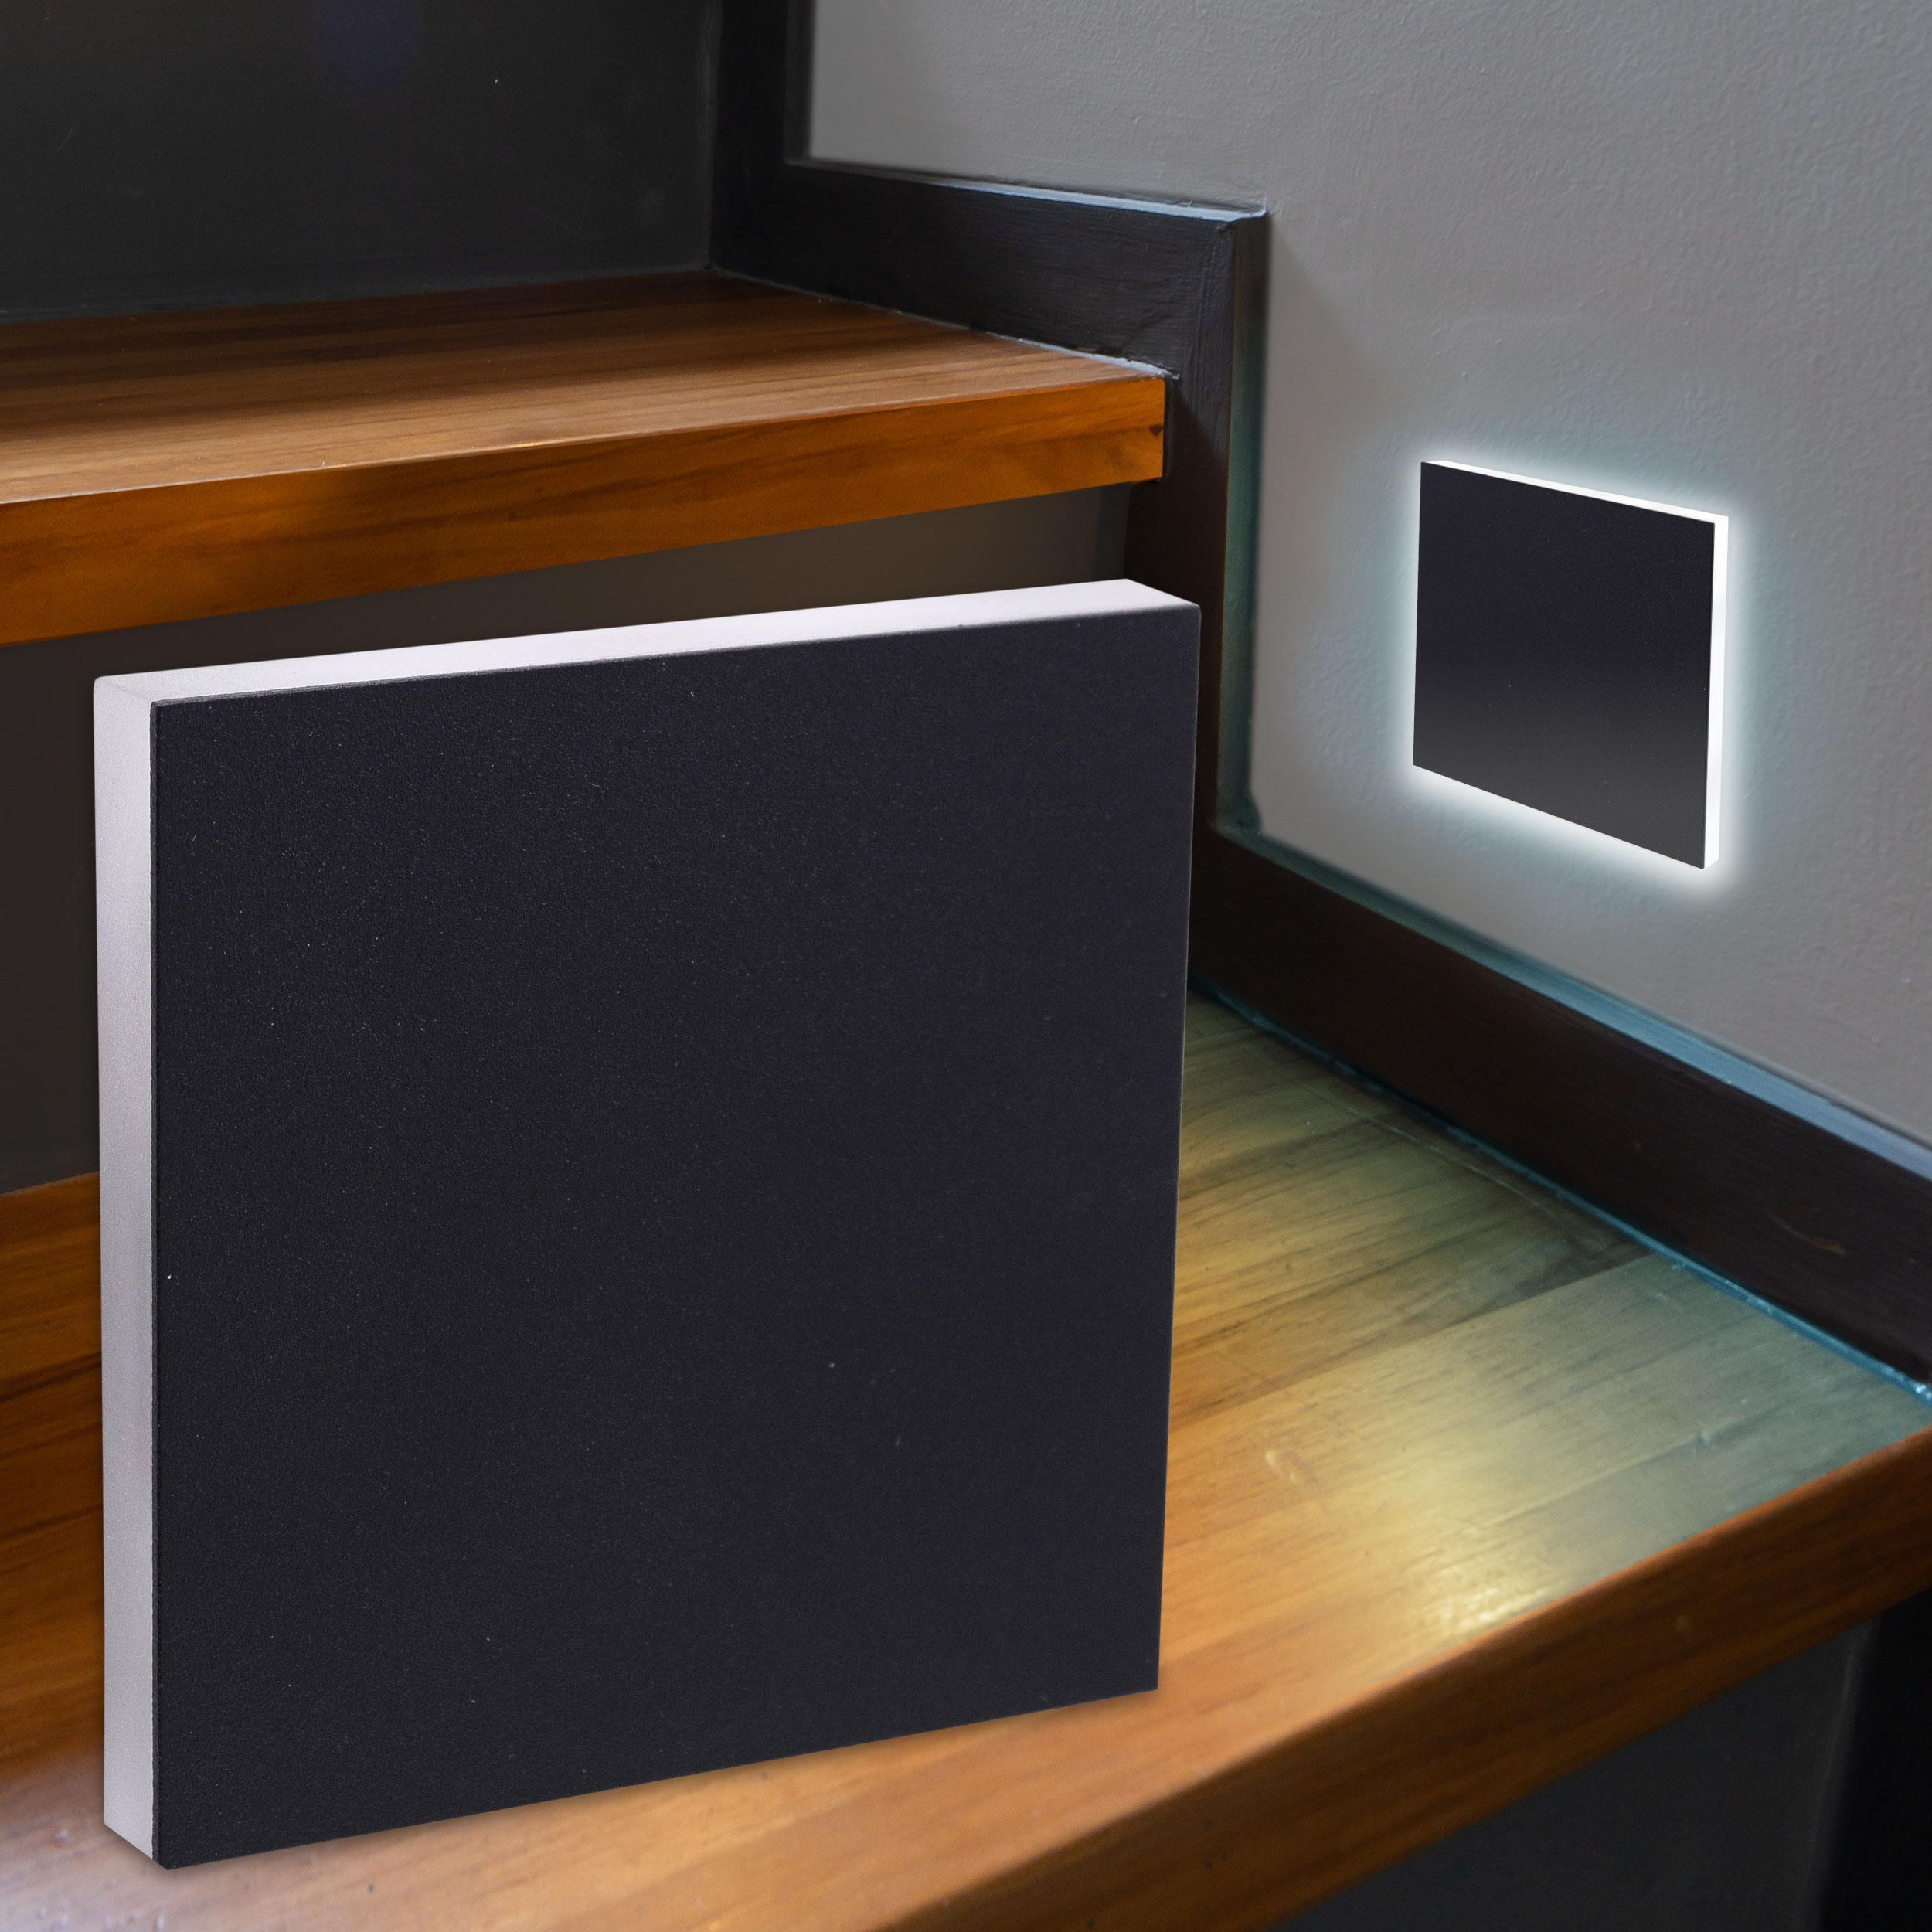 LED Treppenbeleuchtung Wandeinbauleuchte Kaltweiß 230V 1.5W schwarz Lichtaustritt seitlich